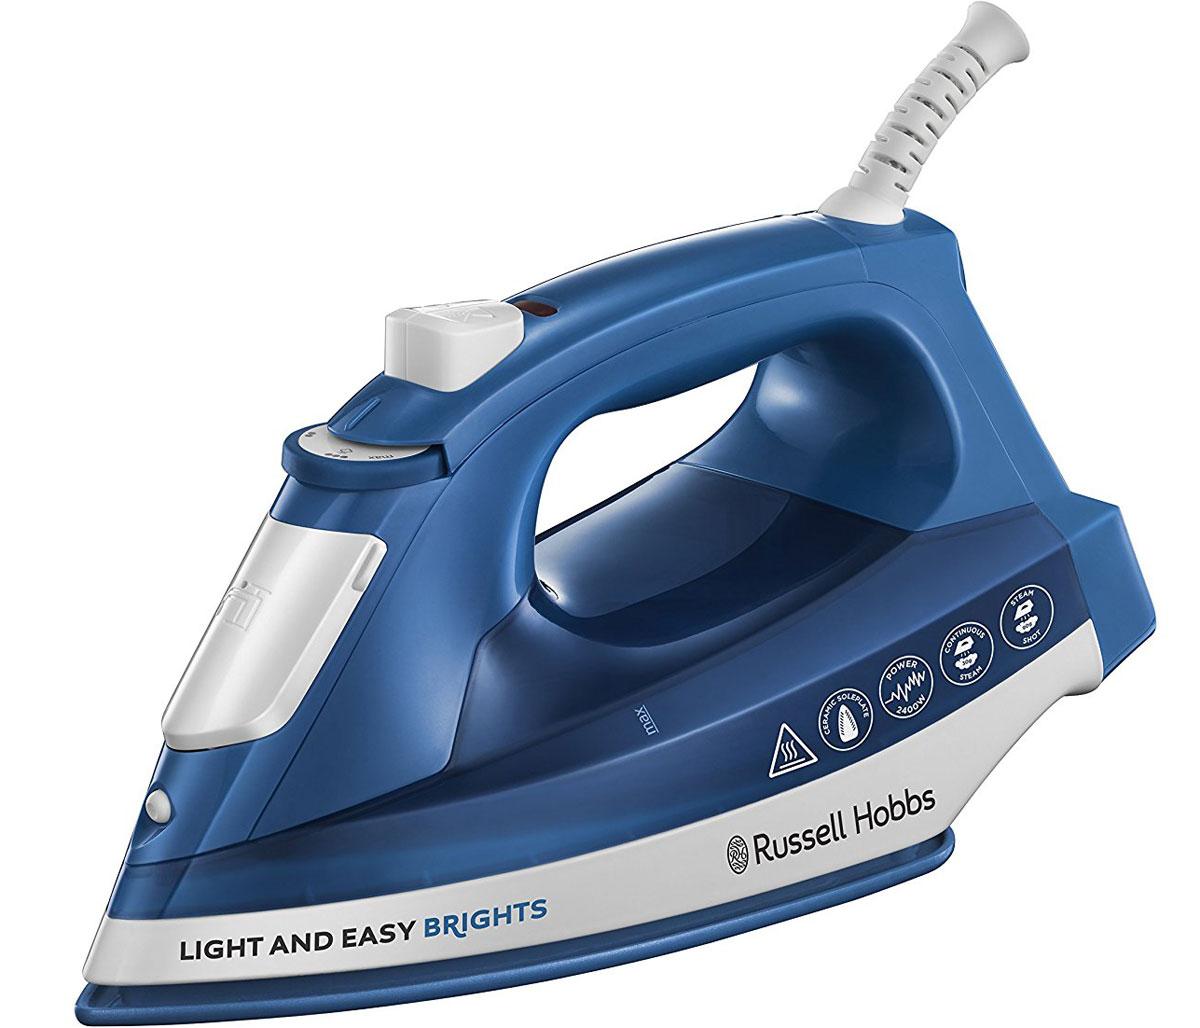 Russell Hobbs 24830-56 Light & Easy Brights, Blue утюг24830-56;24830-56С ярким и стильным утюгом Russell Hobbs 24830-56 Light & Easy Brights глажение перестает быть скучным занятием.Функция Спрей и Паровой ударНемного увлажните пересохший участок ткани с помощью функции Спрей или воспользуйтесь паровым удароммощностью 90 г/мин для легкого разглаживания сложных замятостей.Вертикальный парНе тратьте время на глажение больших тканей, например, занавесок. Опция вертикального отпариванияпозволяет выгладить заломы на занавесках быстро в любой момент без хлопот.Автоматическая регулировка параТехнология автоматической регулировки пара устанавливает мощность подачи пара в зависимости от выбранноготемпературного режима.Емкость для воды 240 млУтюг вмещает 240 мл воды, чего хватает на большое количество белья, а с помощью специального стаканчика длязалива воды, резервуар утюга можно заполнять, не отключая его.